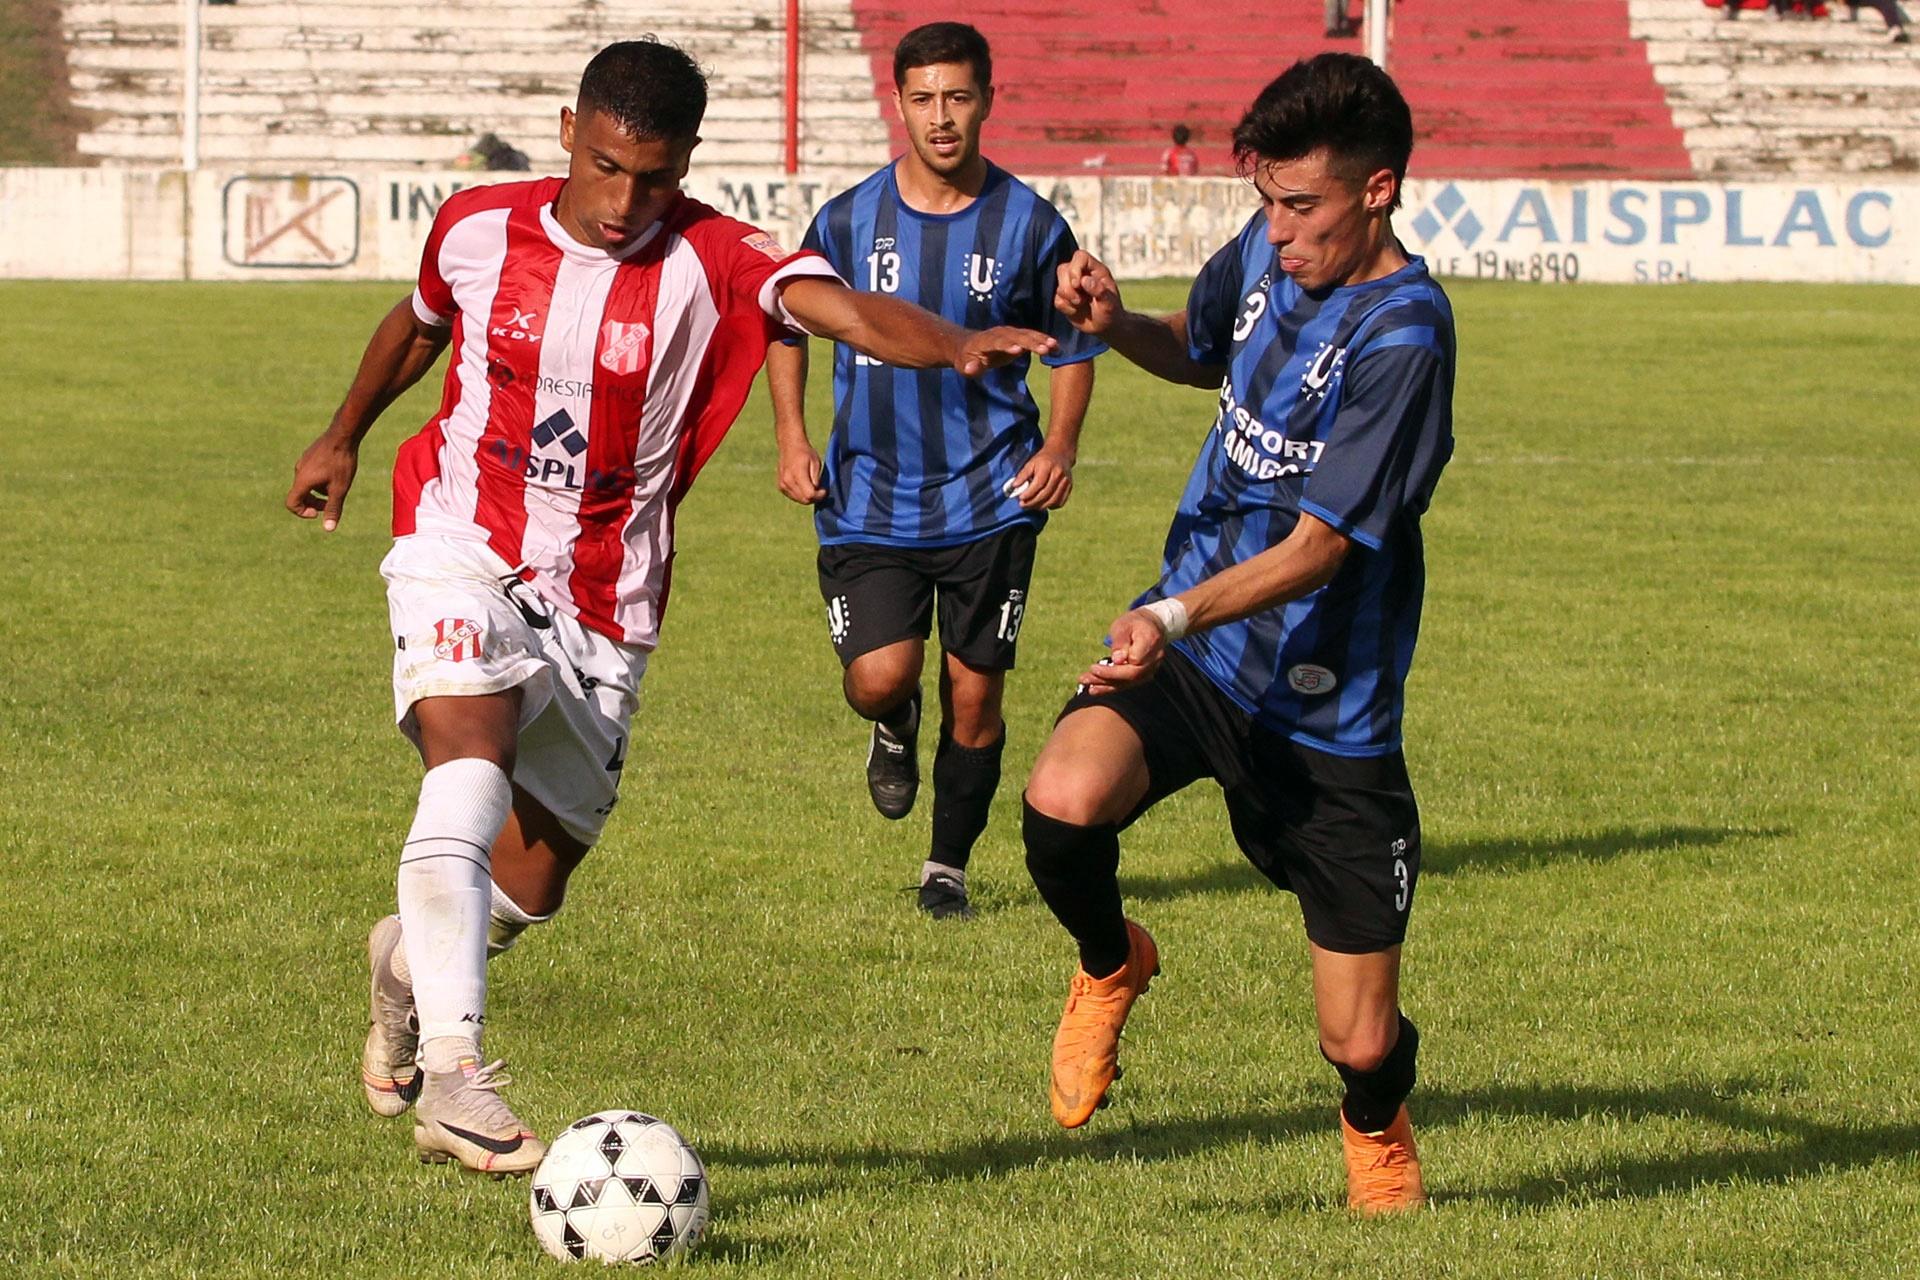 Liga Pampeana: Ganaron Costa Brava, Pico FBC y los dos equipos de Eduardo Castex